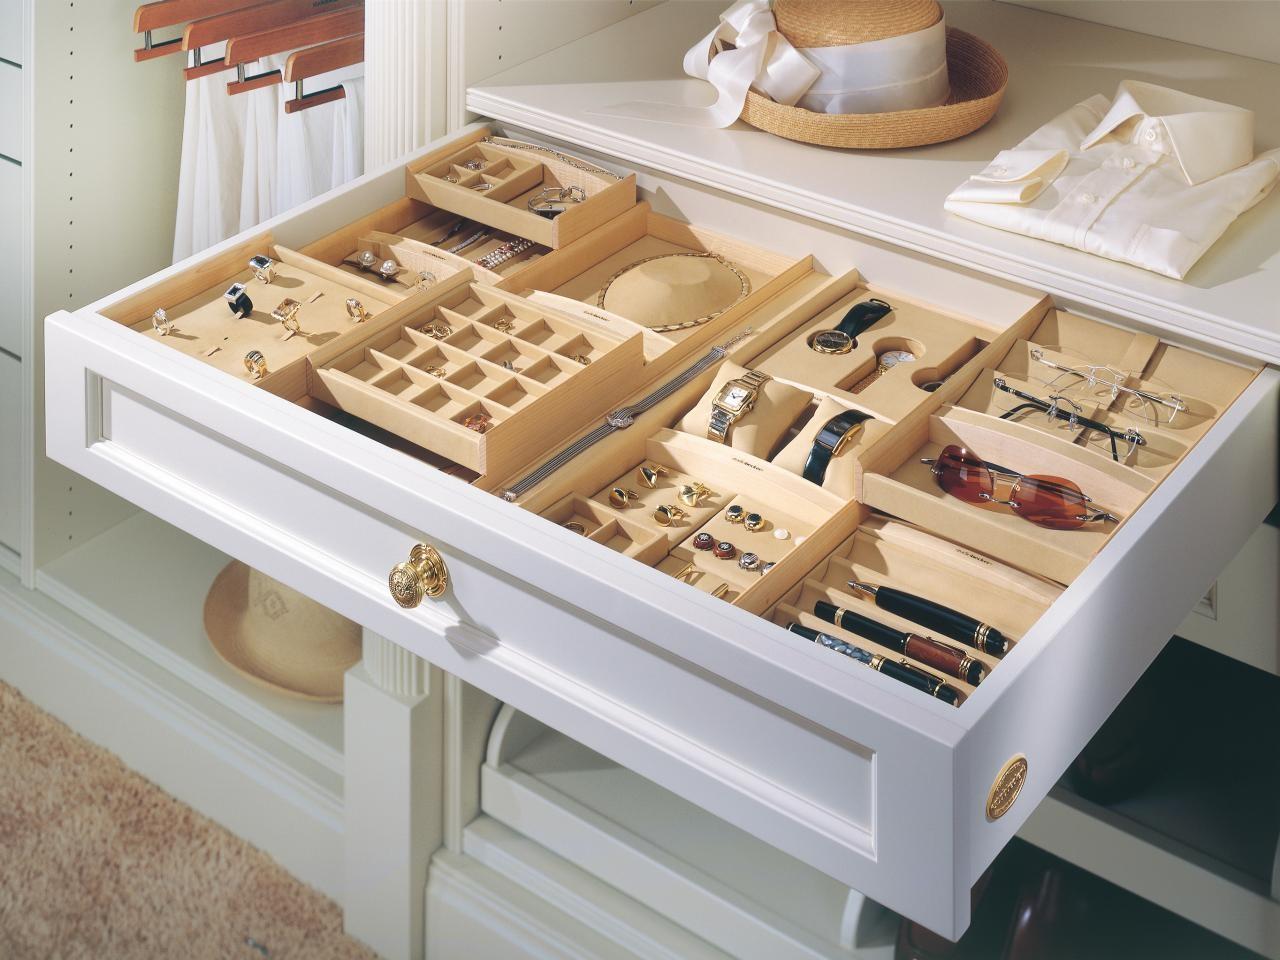 クローゼットの中の一番使いやすい引き出しをアクセサリー専用に。仕切りのついた浅いボックスを2段にすることで、たくさんのアイテムが1箇所に納まります。